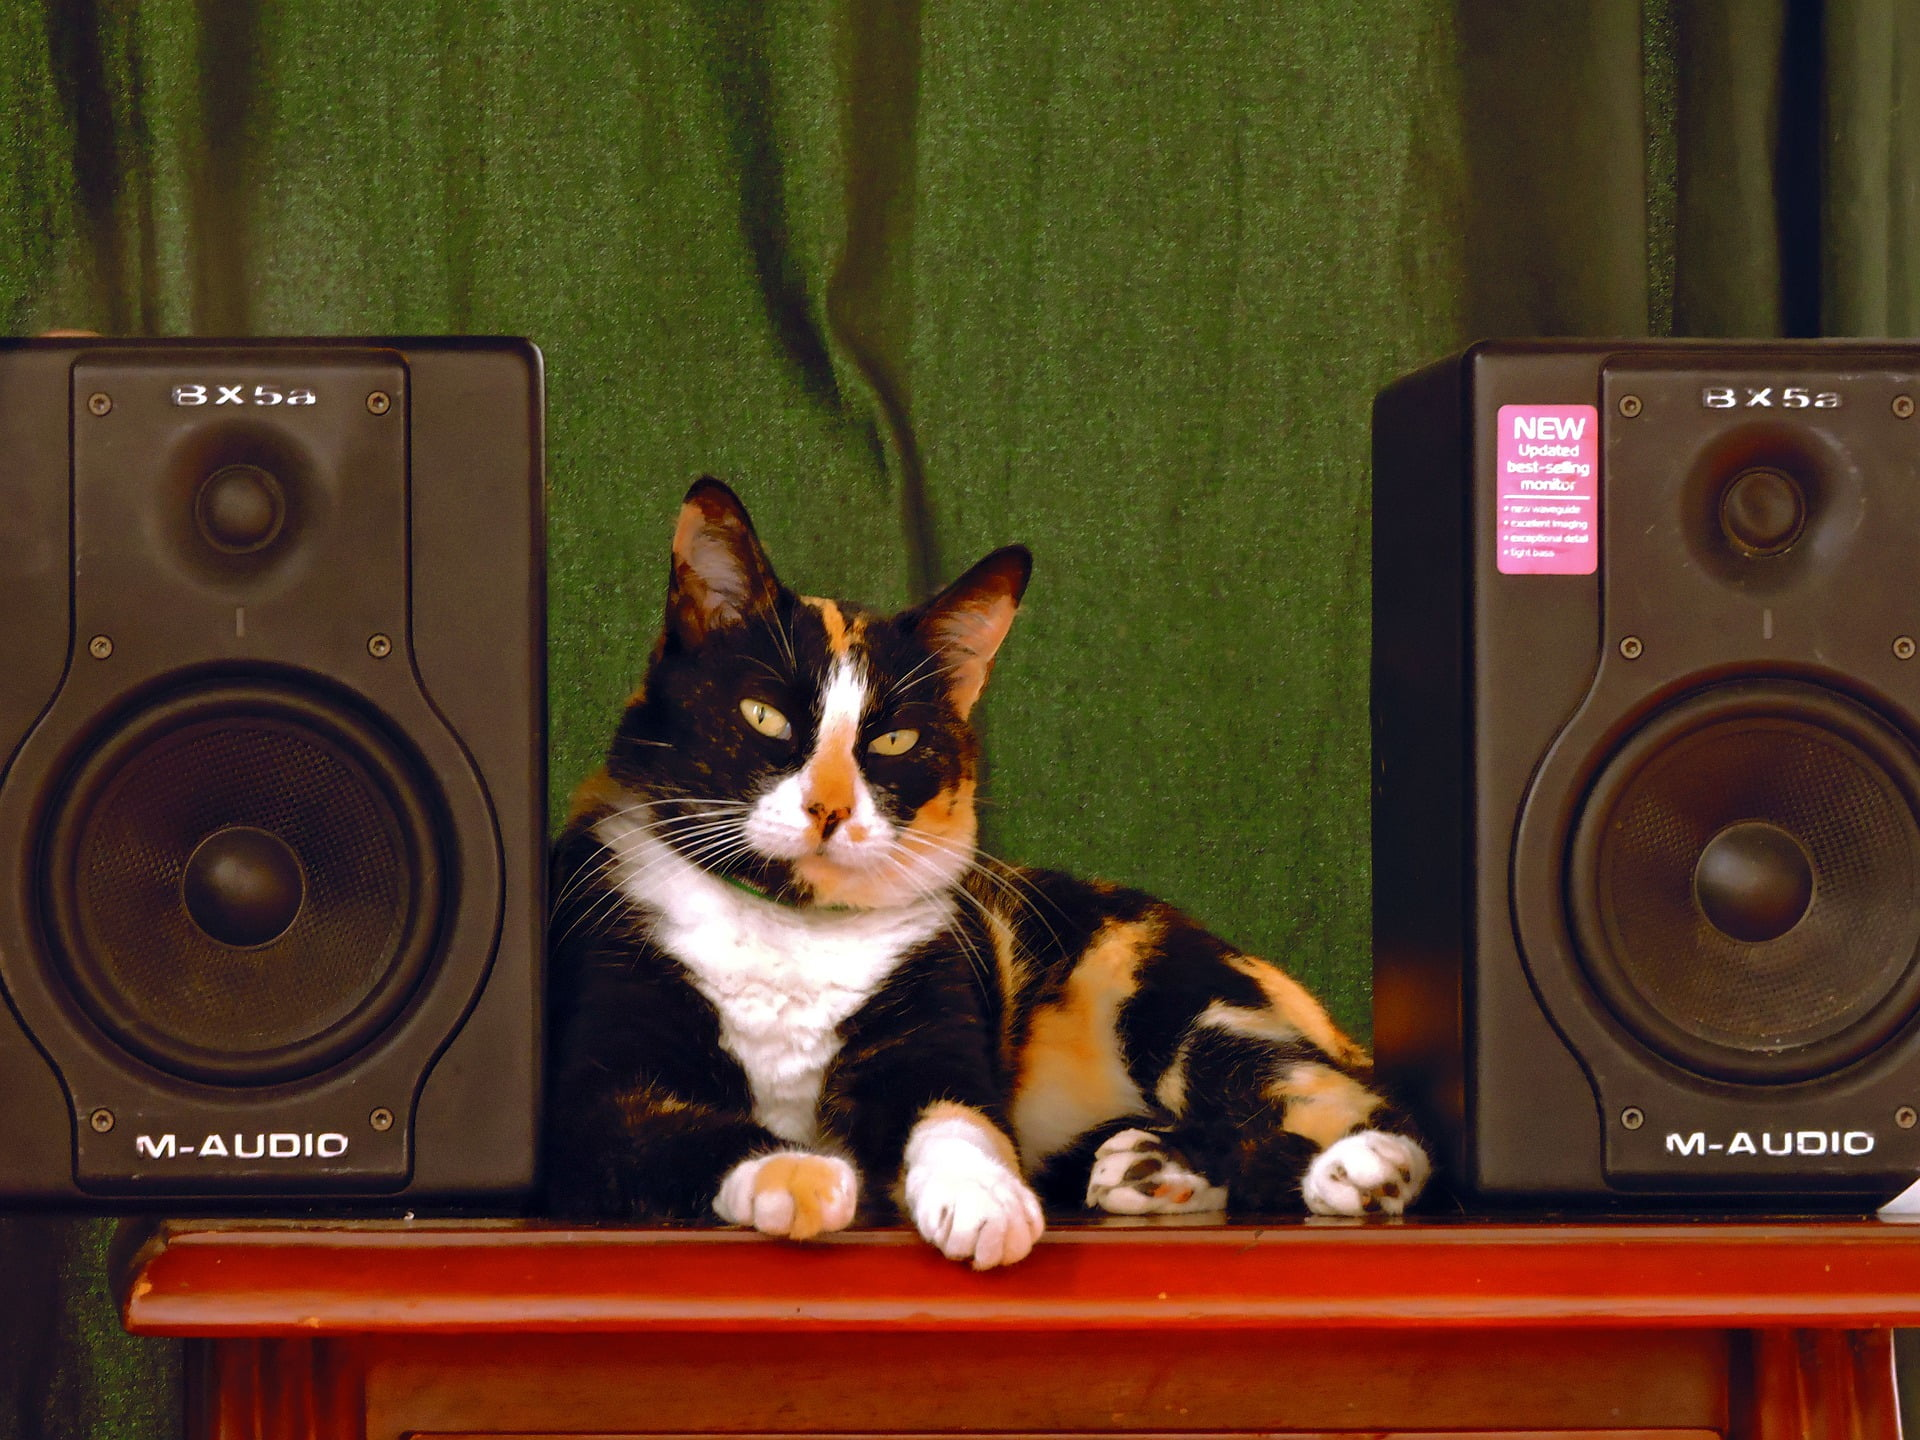 ¿A los gatos les gusta la música? ¿De qué tipo disfrutan?